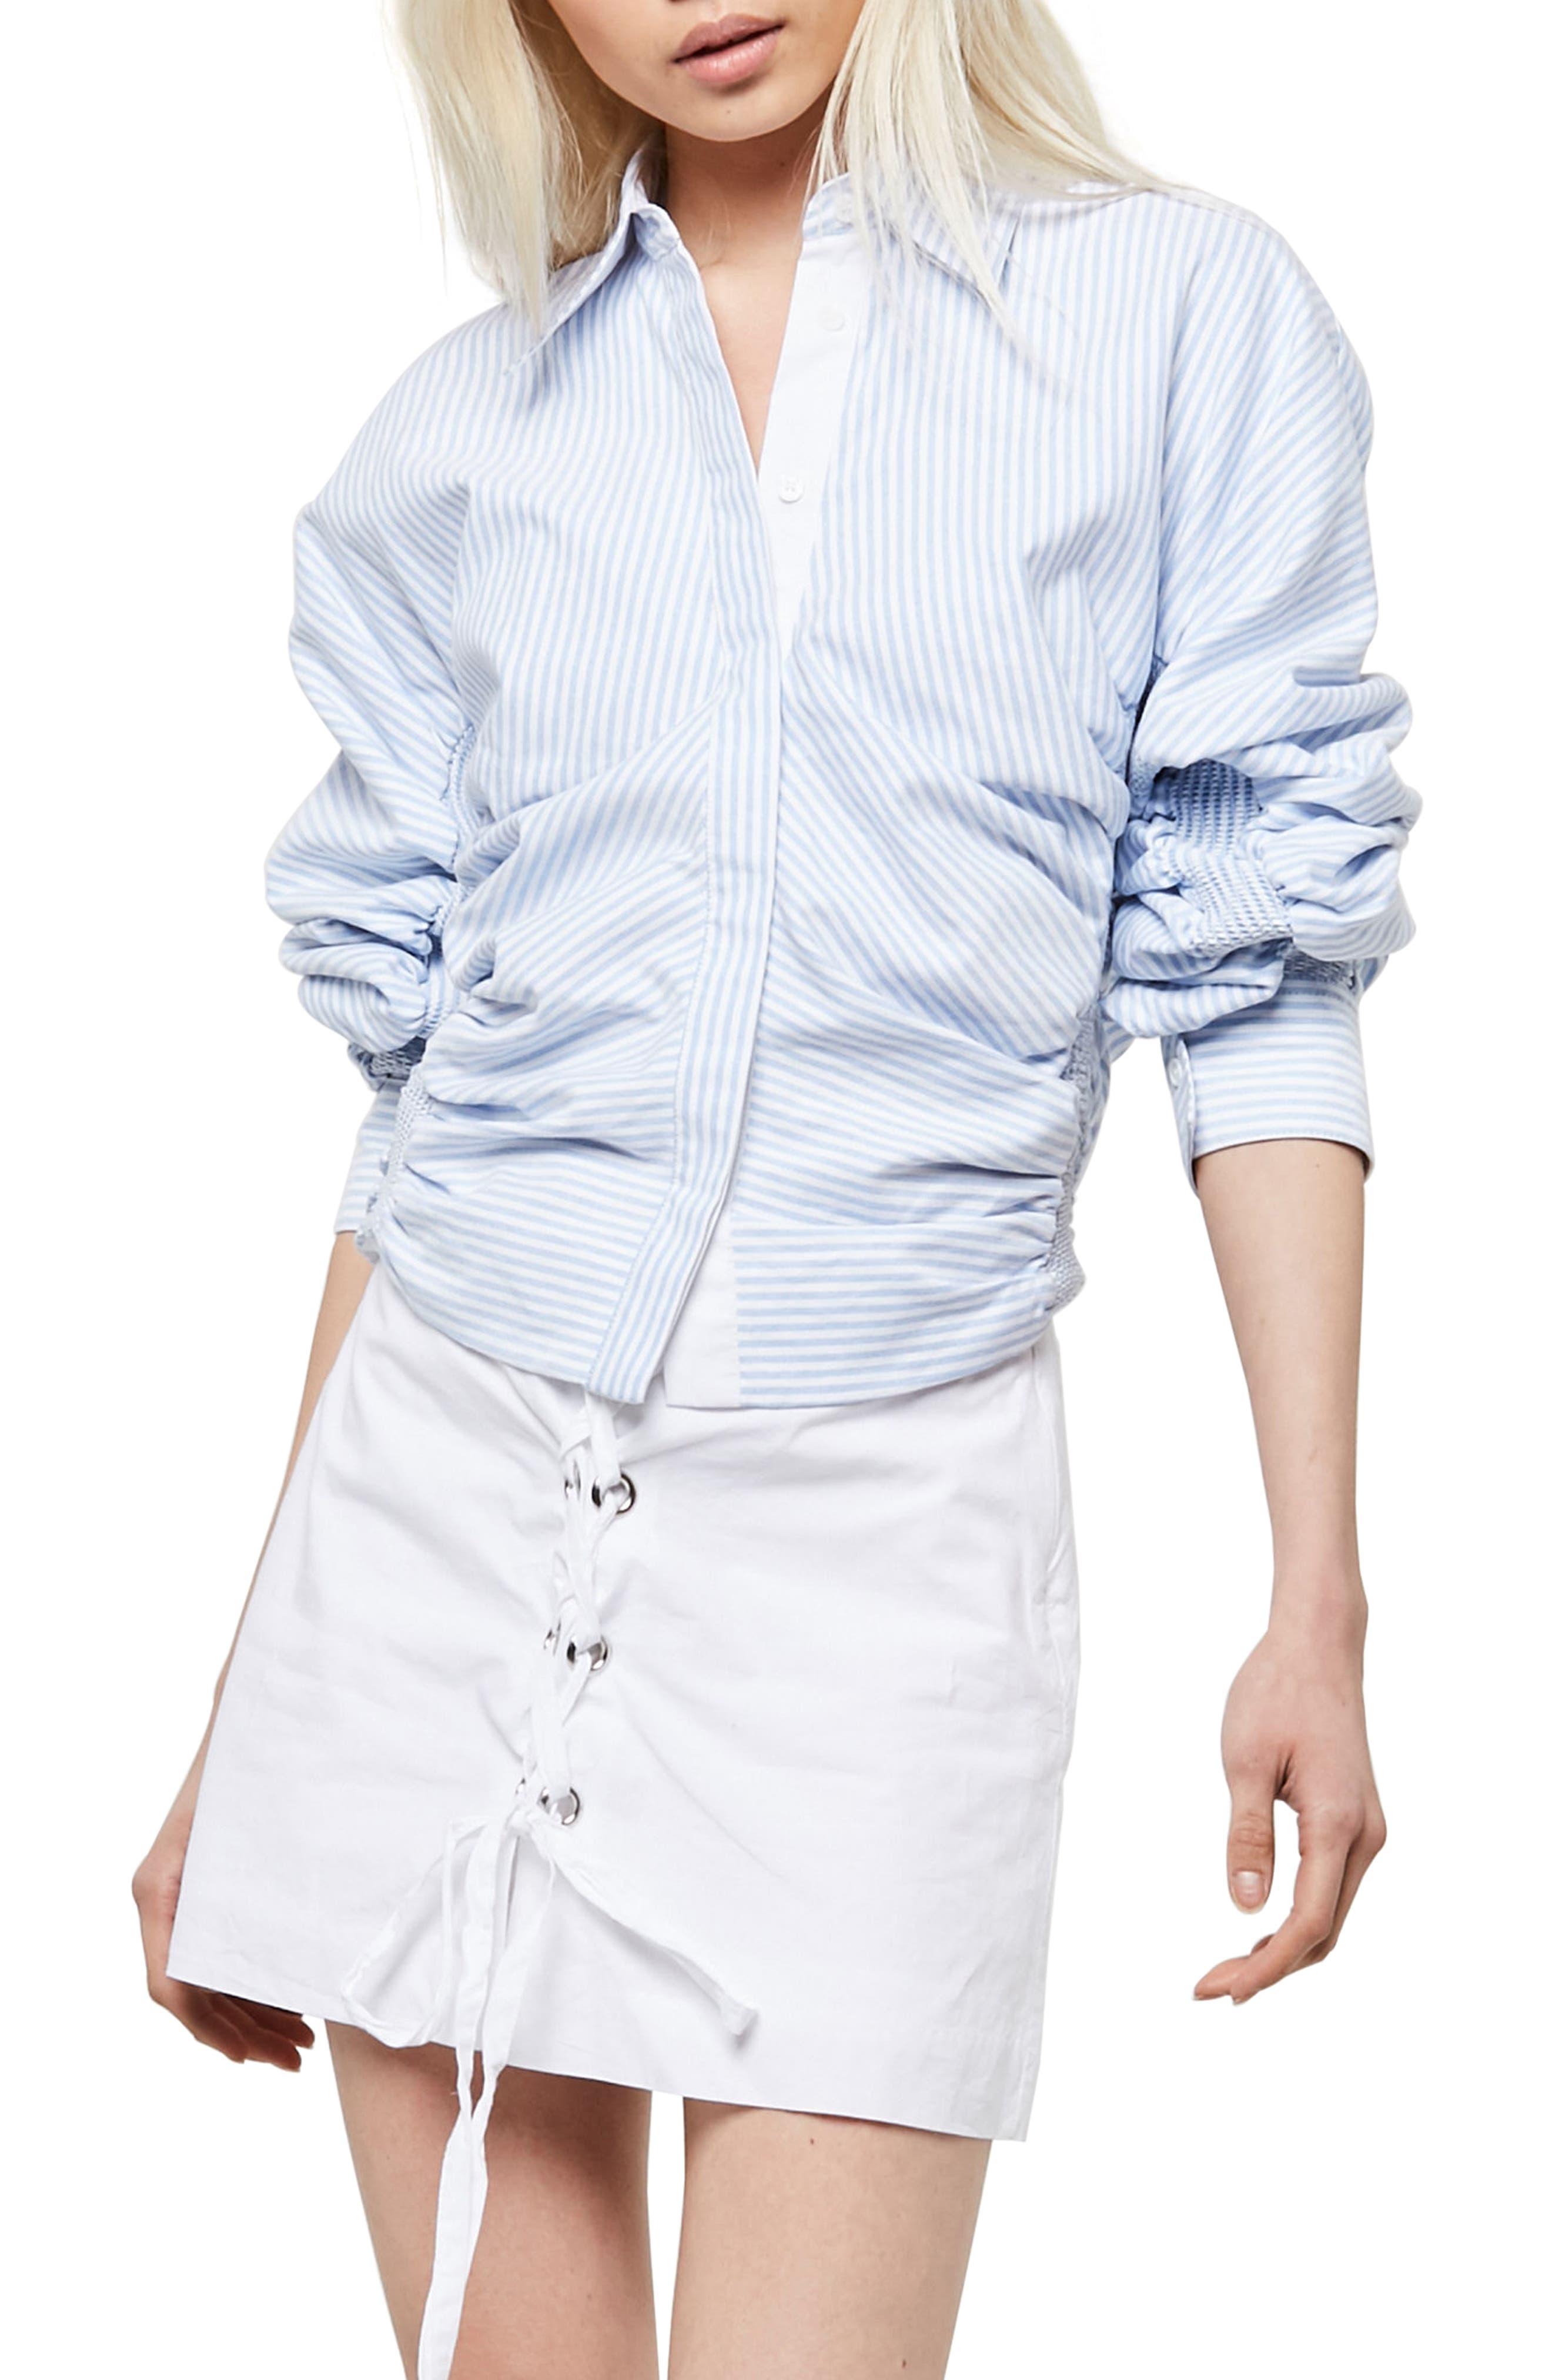 Main Image - Alpha & Omega Smocked Sleeve Blouse